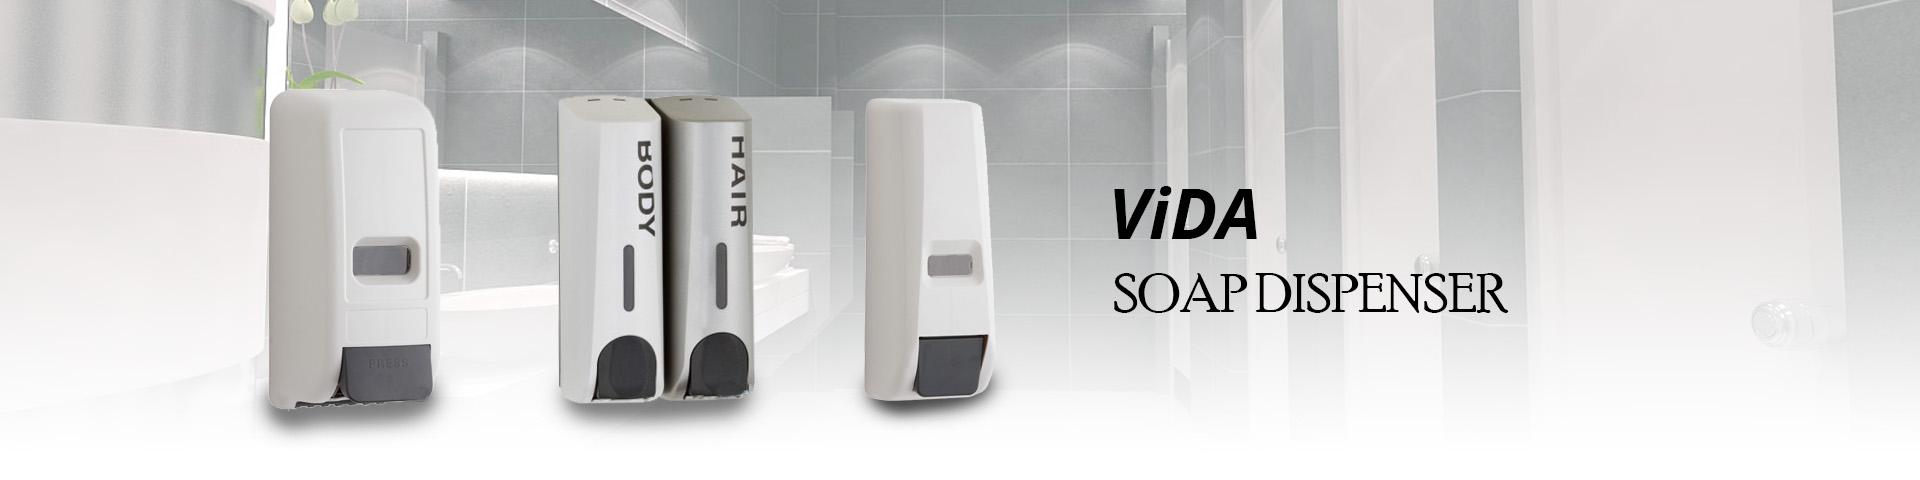 Vida Soap